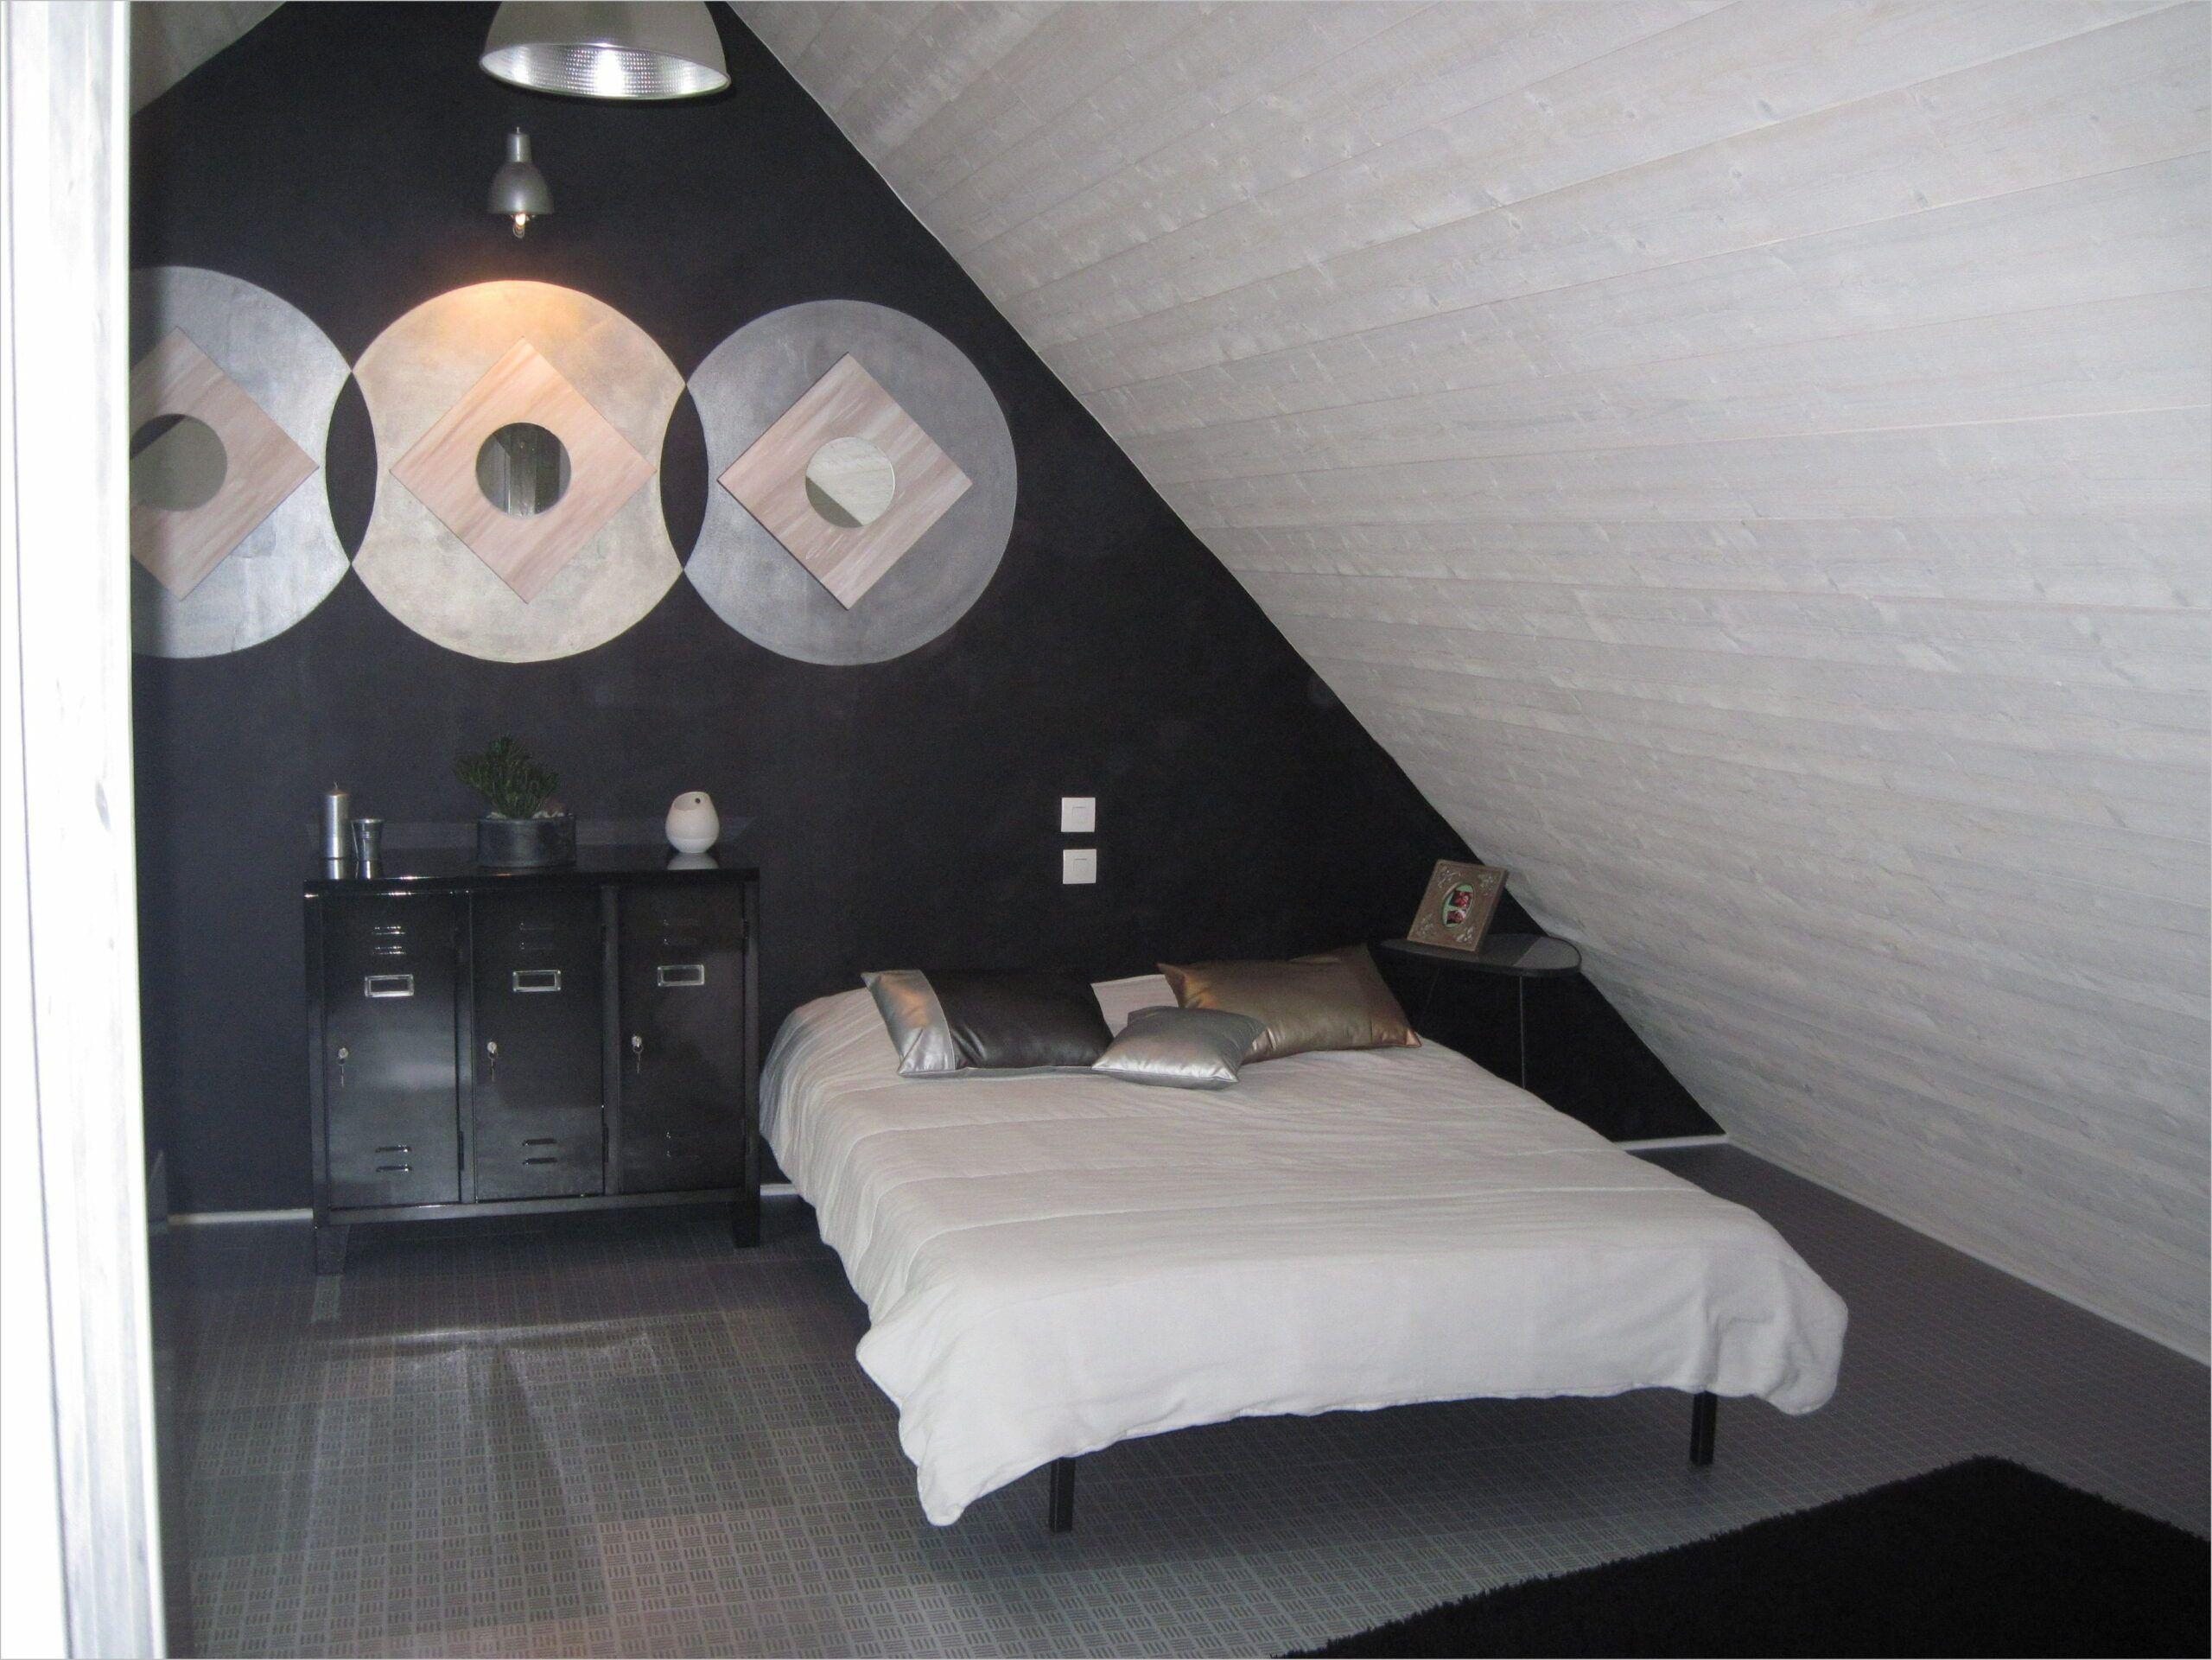 Idee Deco Chambre D Amis Bureau in 16  Home, Home decor, Furniture